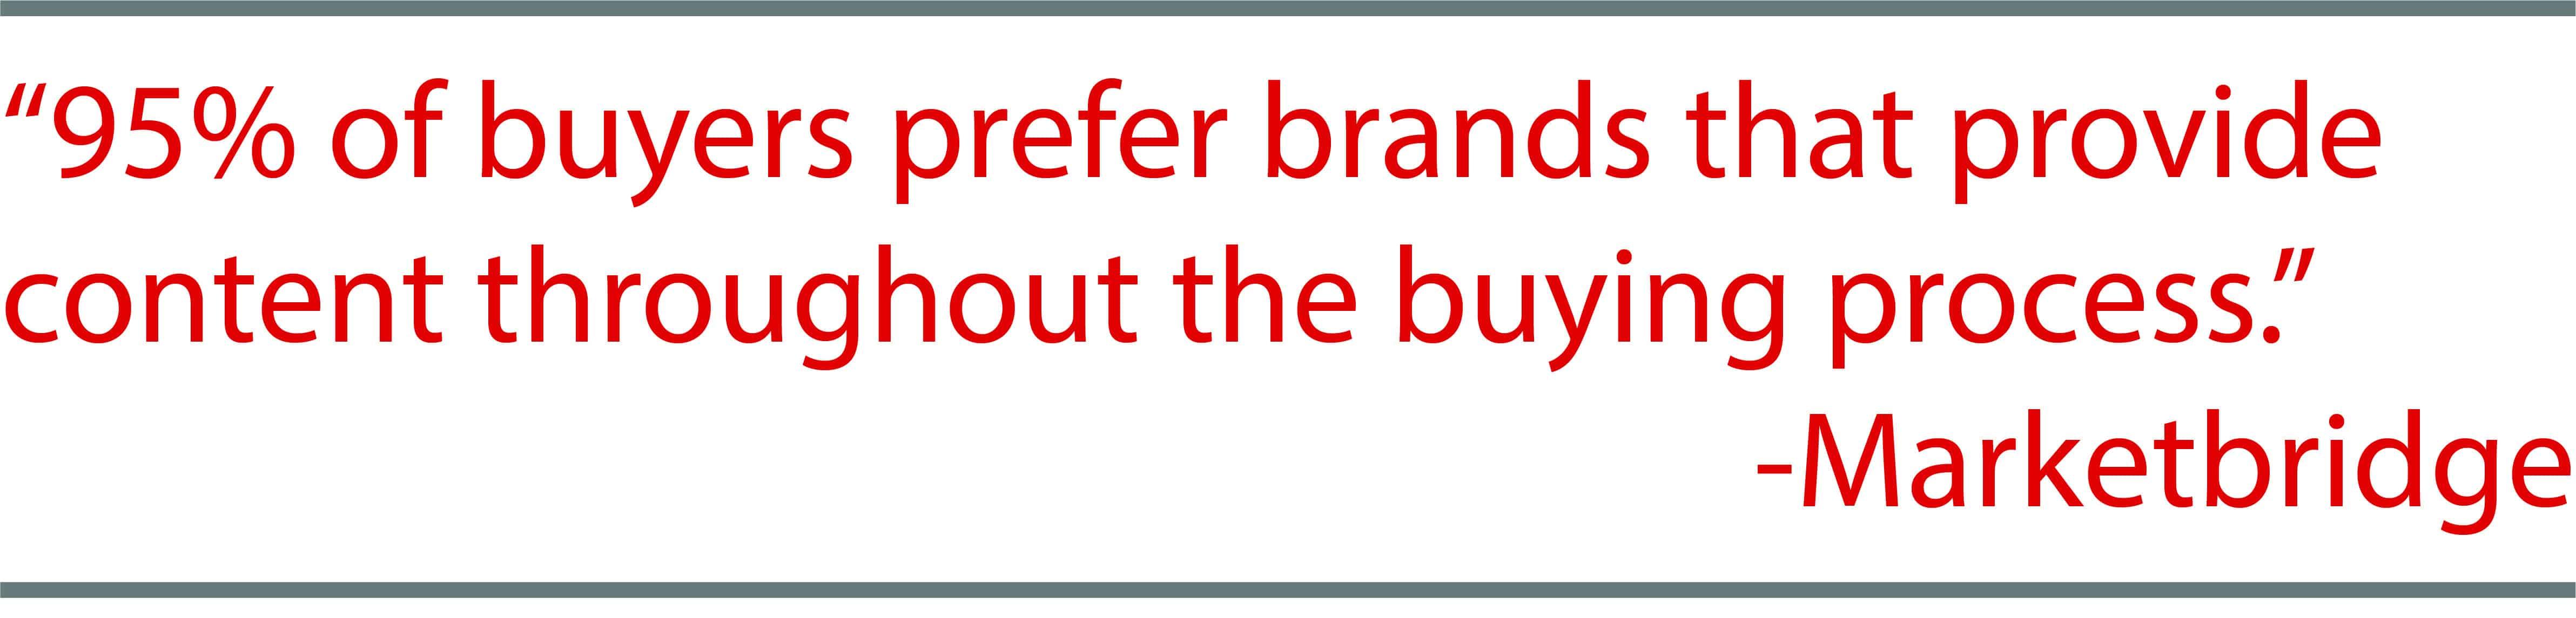 Marketbridge quote about effective content